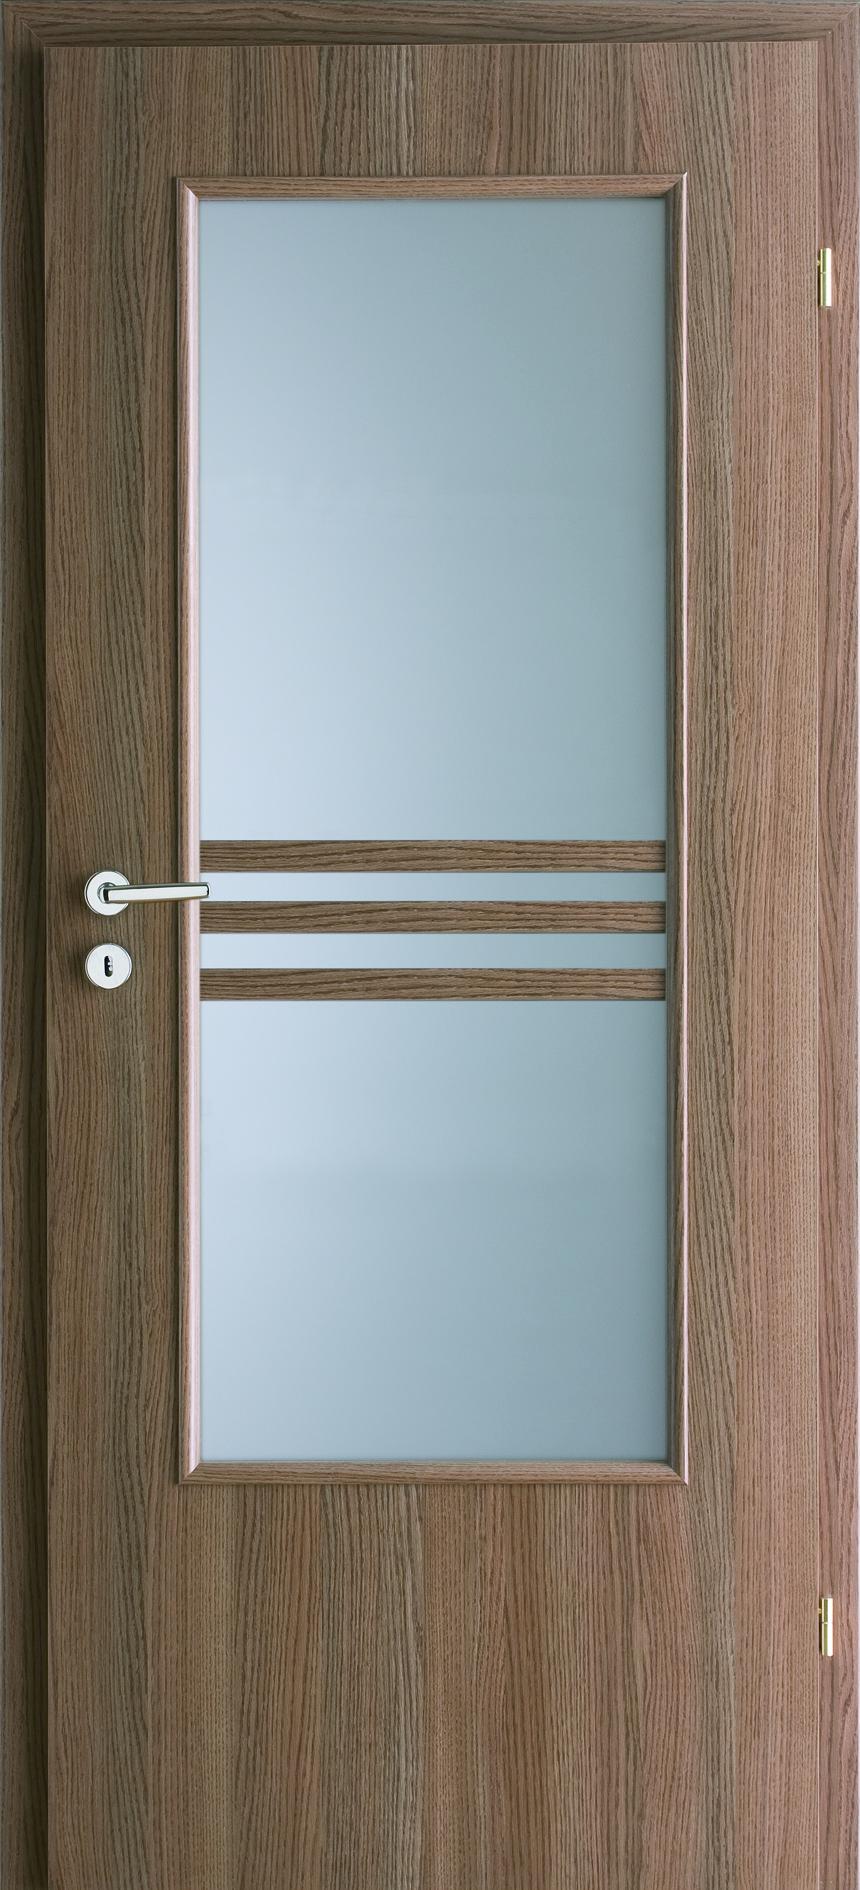 Dvere Porta Styl, vzor 3